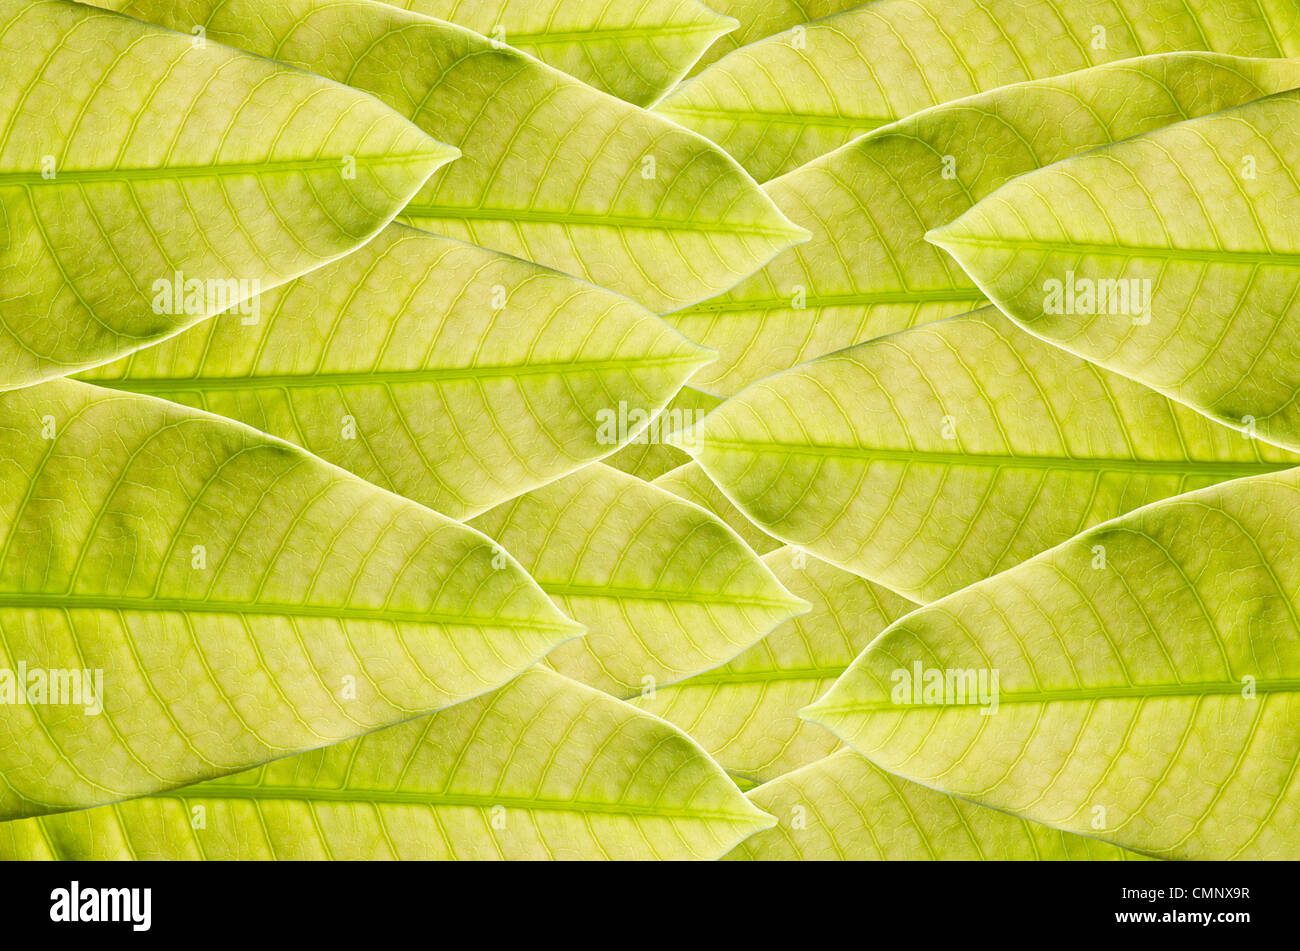 En arrière-plan de la feuille verte nature vert frais Photo Stock